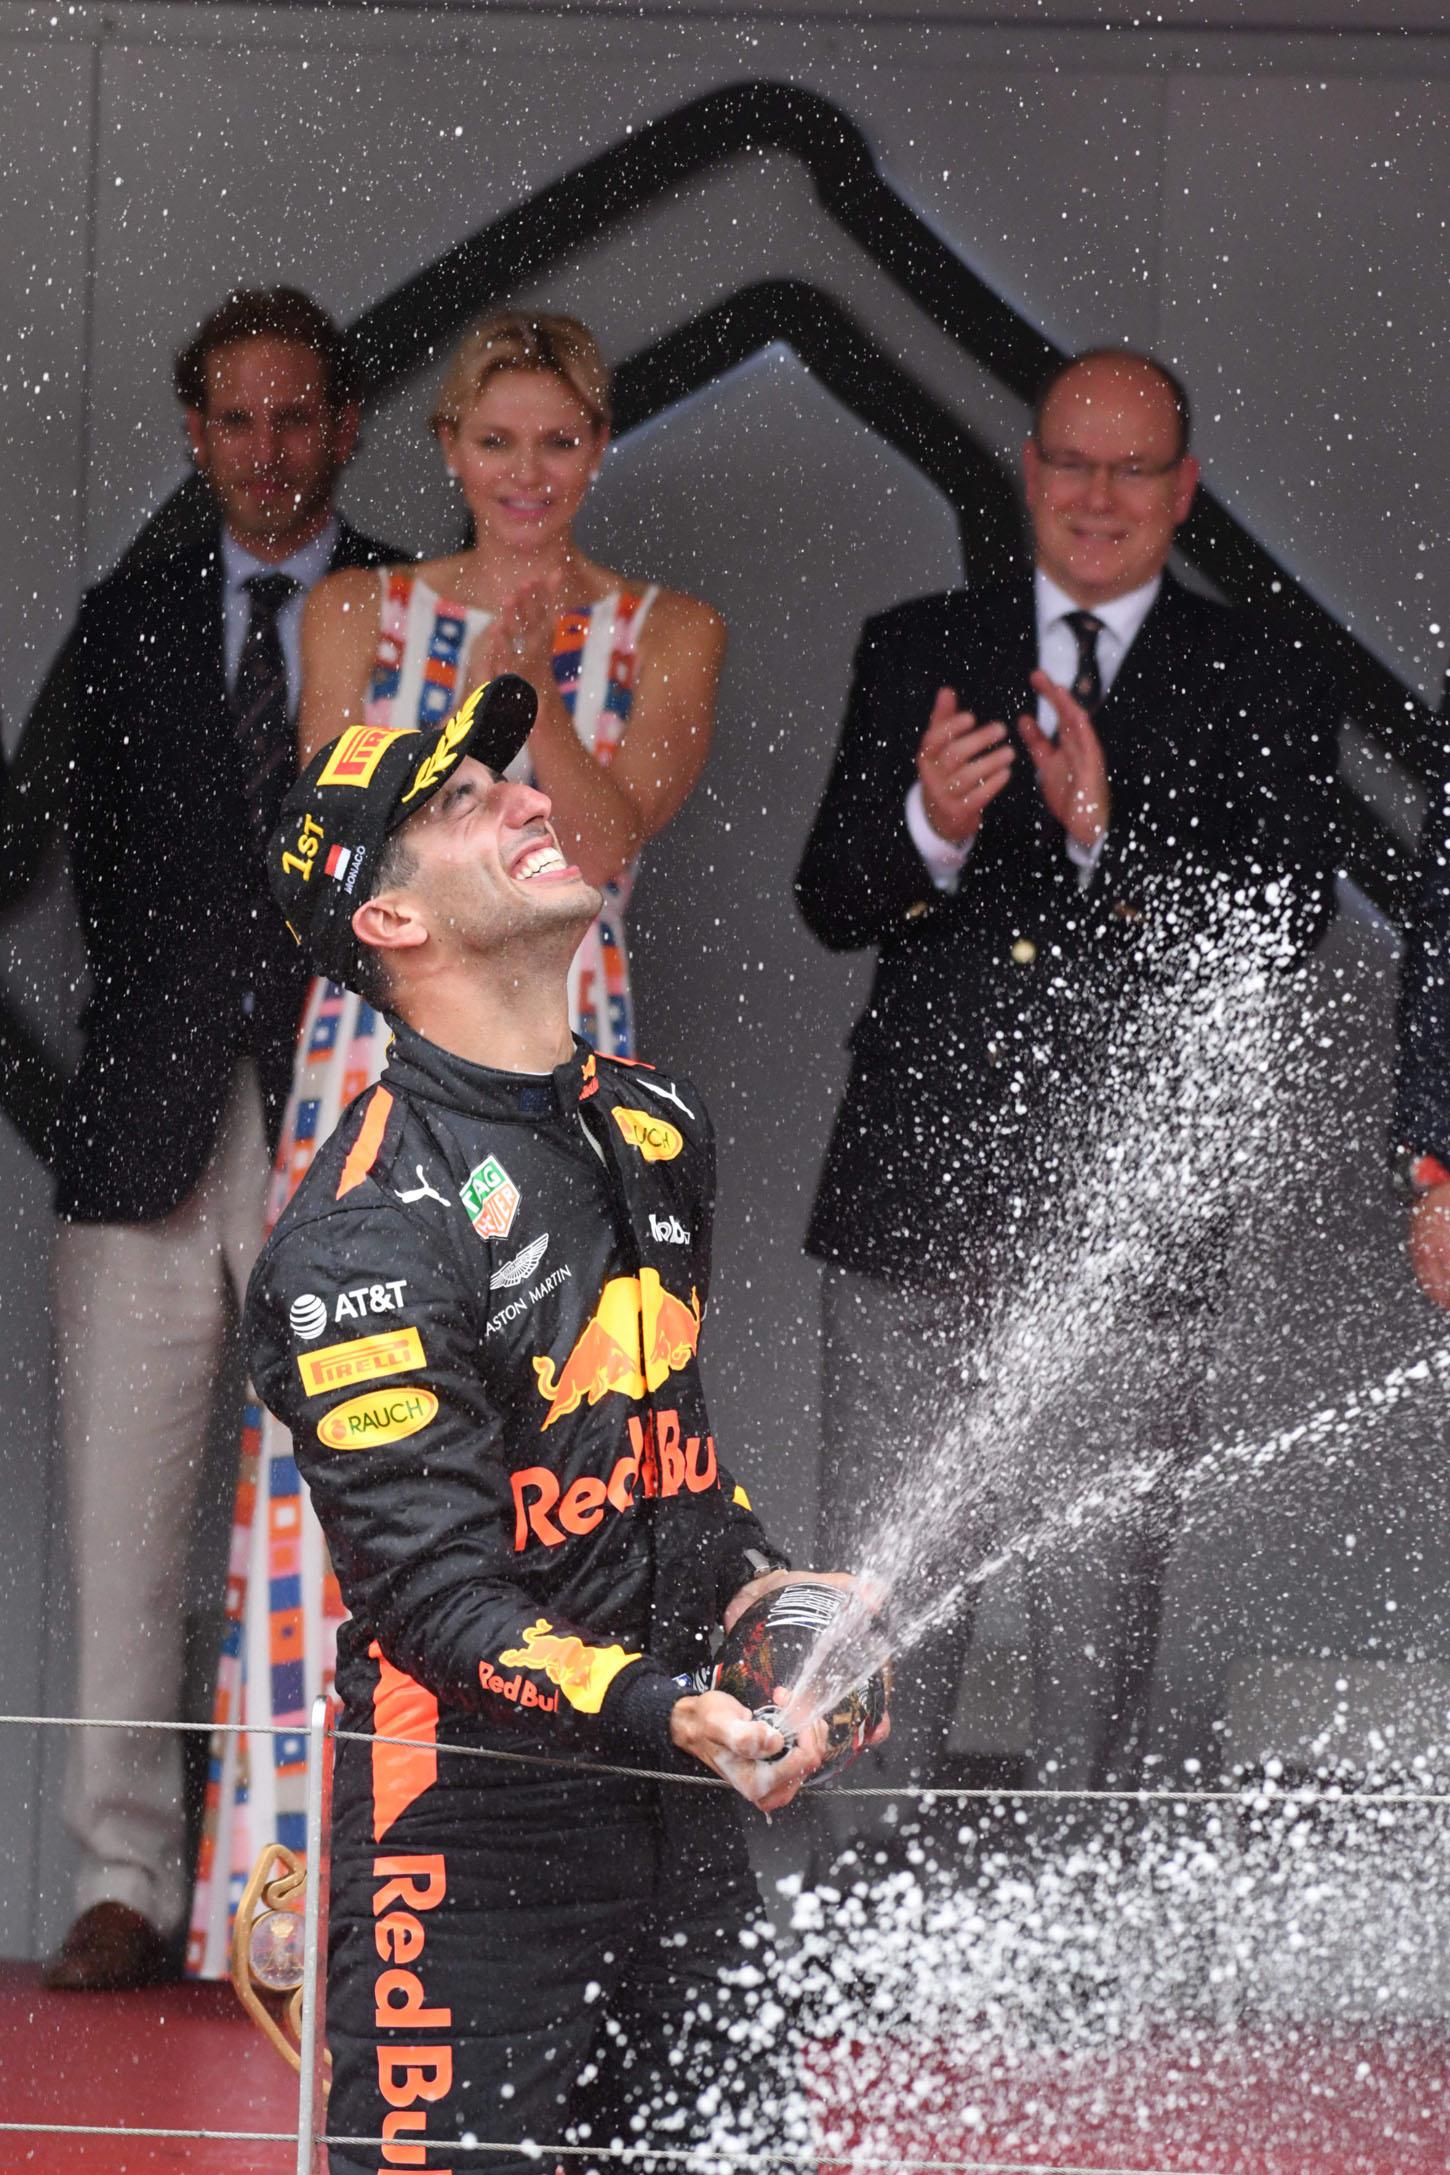 Alberto di Monaco and Charlene Wittstock celebrates Daniel Ricciardo <P> Pictured: Alberto di Monaco, Charlene Wittstock <B>Ref: SPL1703330  270518  </B><BR/> Picture by: Mama / Splash News<BR/> </P><P> <B>Splash News and Pictures</B><BR/> Los Angeles:310-821-2666<BR/> New York:212-619-2666<BR/> London:870-934-2666<BR/> <span id=